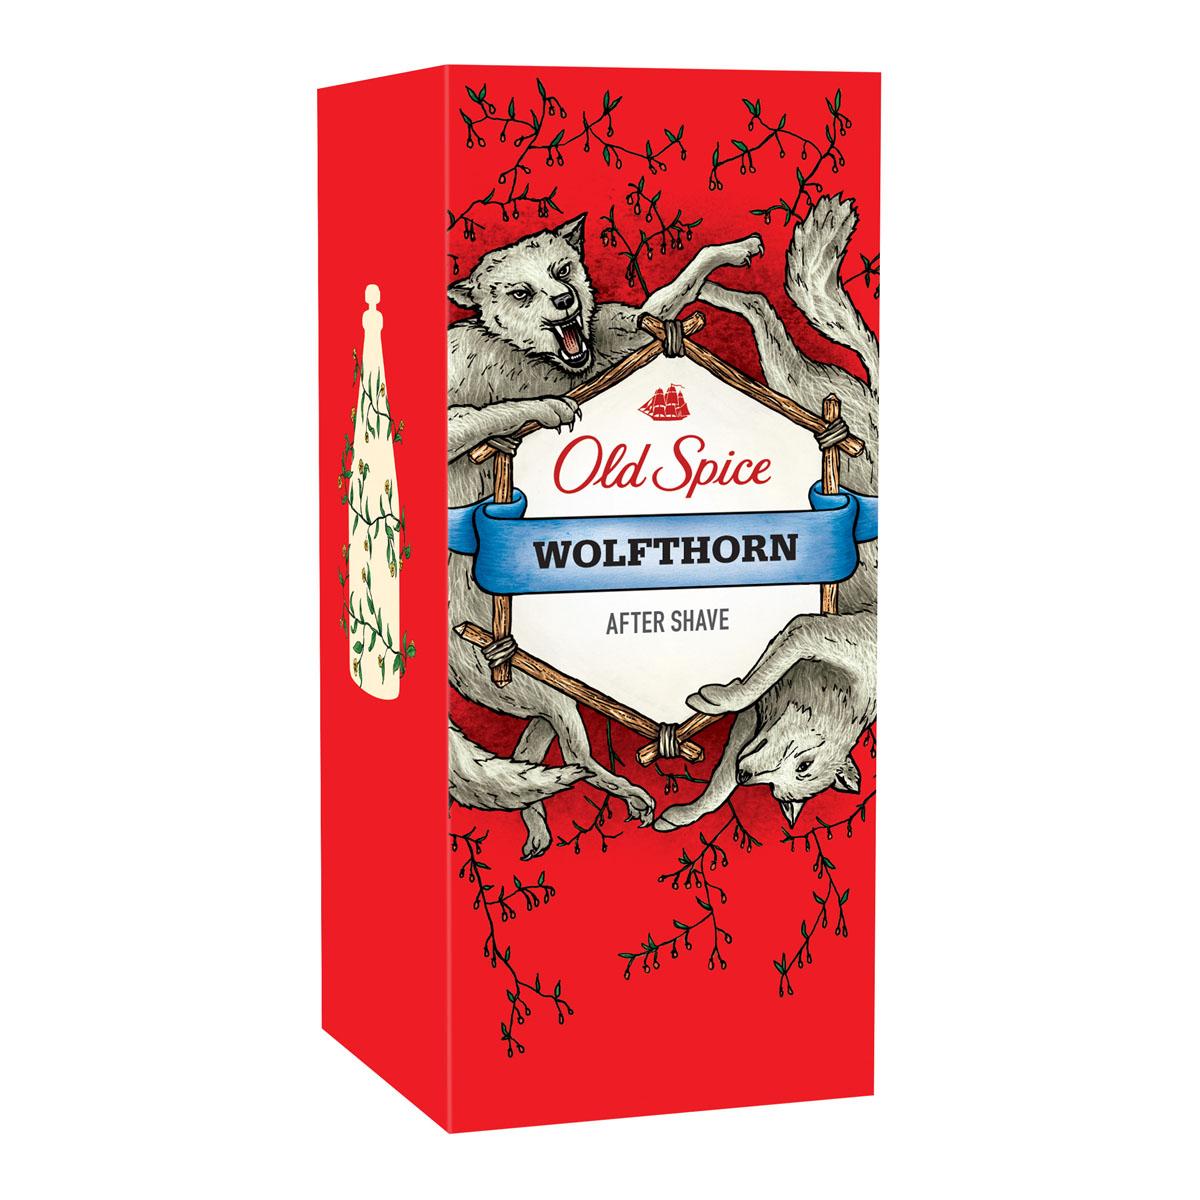 Old Spice Лосьон после бритья Wolfthorn,100млOS-81390876Лосьон после бритья Old Spice Wolfthorn с бодрящим ароматом пробуждает чувства и наполняет ваш день ощущением свежести. Великолепный аромат предназначен только для настоящих мужчин. Пробуди в себе хищника!Old Spice Wolfthorn – это аромат звериного желания и колючей шерсти. Если запах колючей шерсти – это не то, что ты ищешь в аромате, то как насчет этого: Wolfthorn – это аромат нежных поцелуев бабочек и таинственного леденящего взгляда, от которого даже по спинам эскимосов бегут мурашки.- Внимание! Когда ты умываешься лосьоном после бритья Old Spice ты можешь внезапно пробудить воспоминания о катании на водных лыжах на голубых океанских волнах за минуту до того, как соберёшься выпить коктейль на яхте рядом с прекрасной девушкой, любуясь закатом.Характеристики:Объем: 100 мл. Производитель: Германия. Товар сертифицирован.